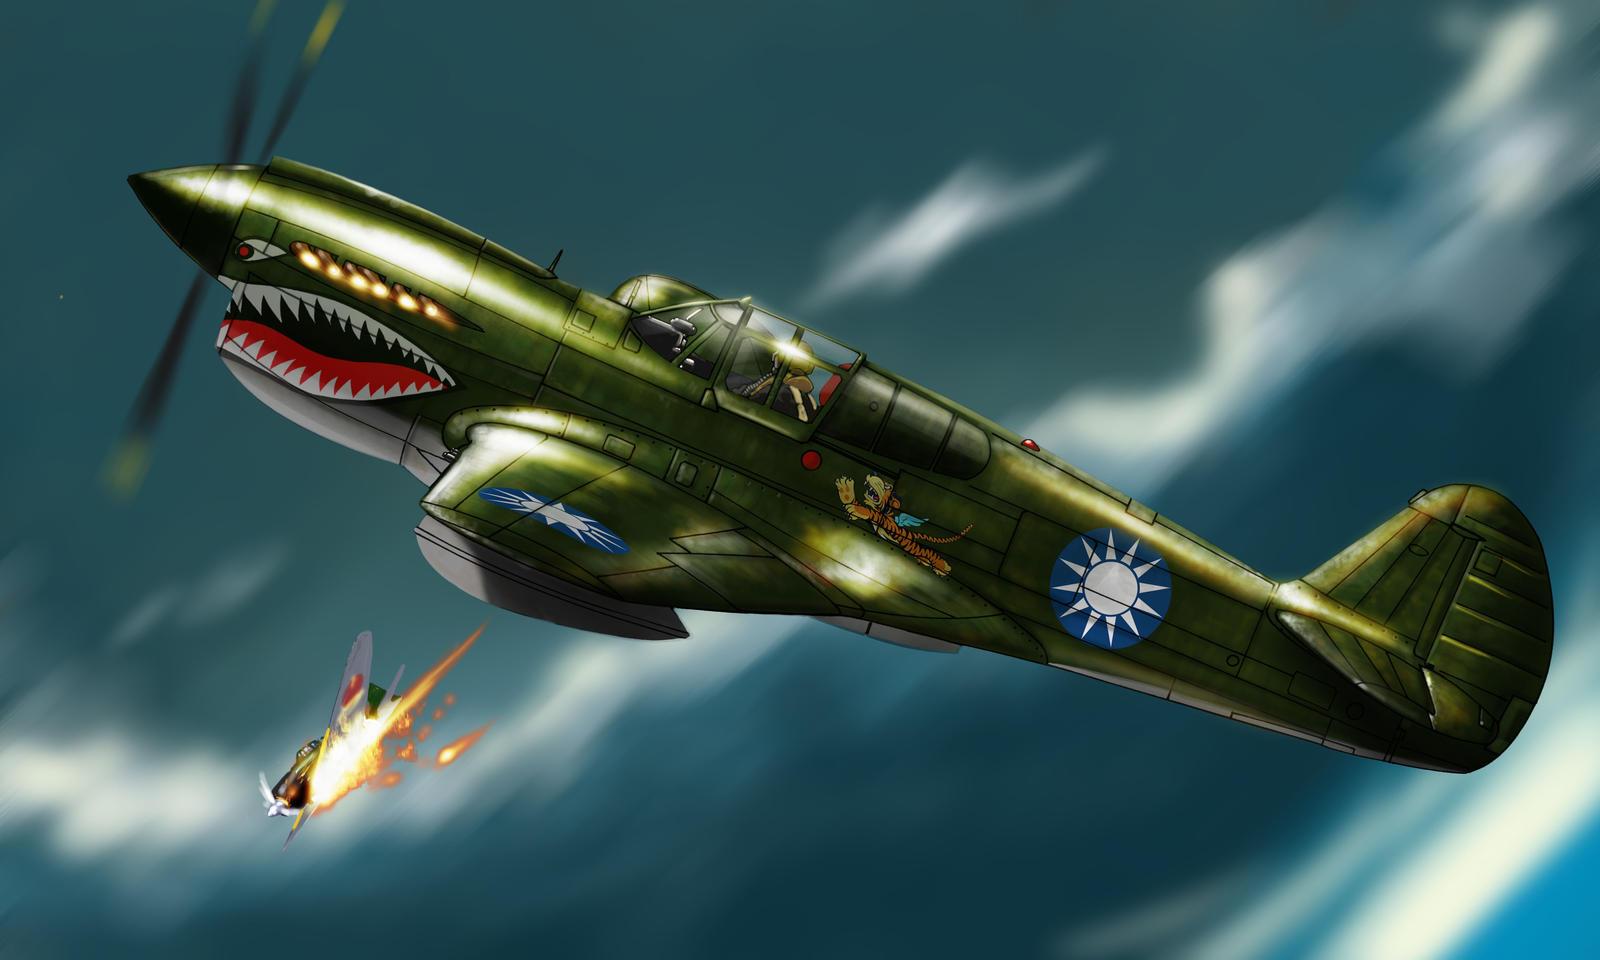 P-40 WARHAWK by roback